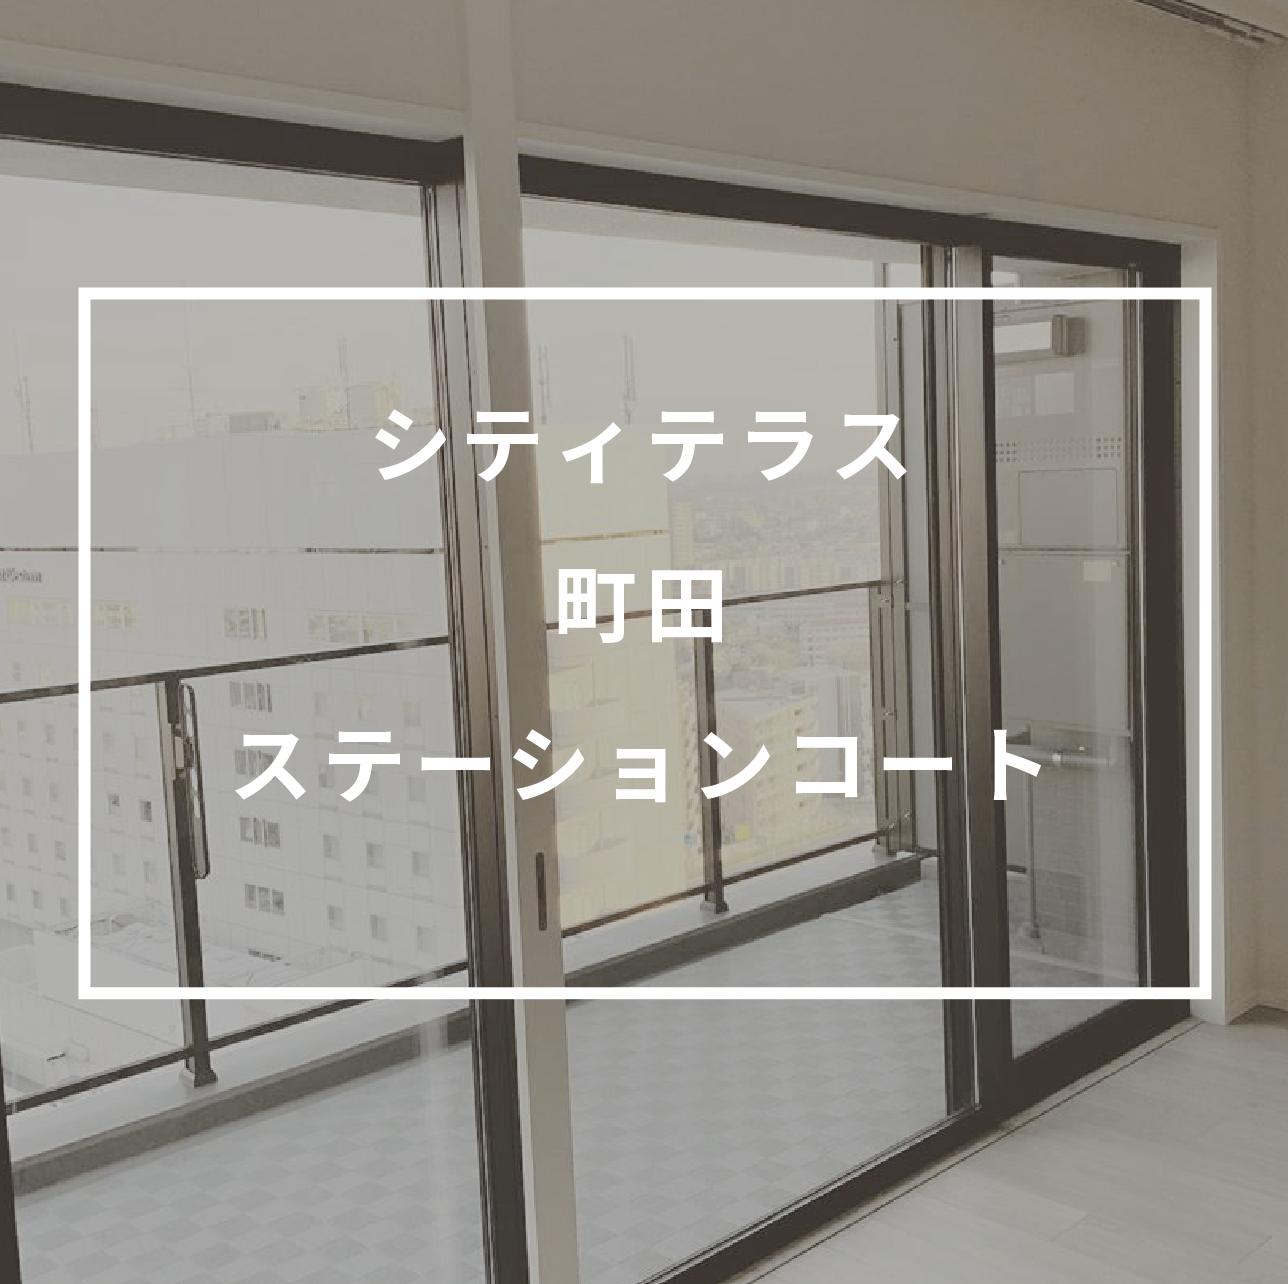 シティテラス町田ステーションコート【カーテン納品】